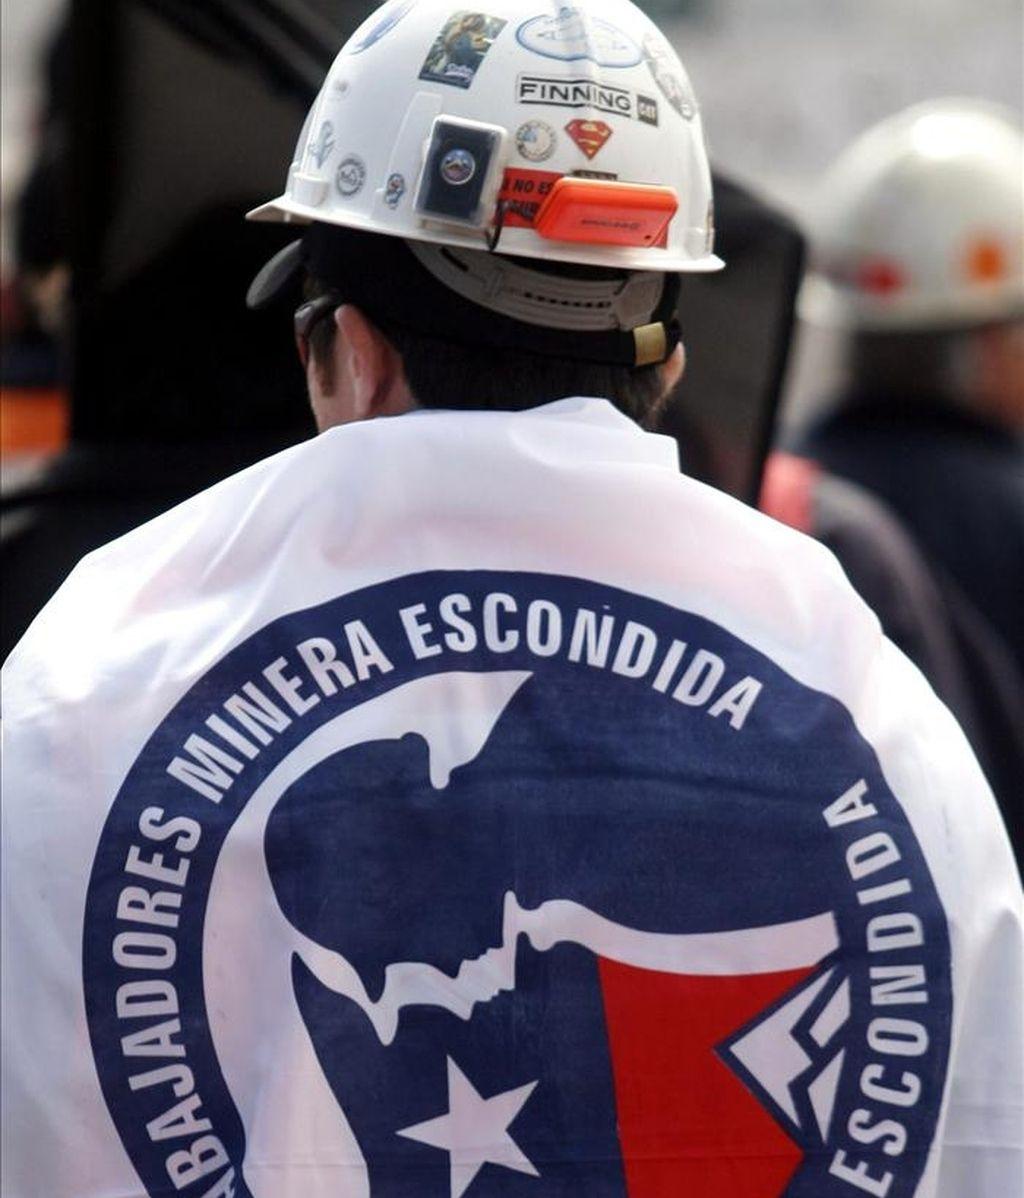 Trabajadores de Minera Escondida, la mayor productora privada mundial de cobre, propiedad de la australiana BHP-Billiton, durante una huelga indefinida en la ciudad de Antofagasta. EFE/Archivo